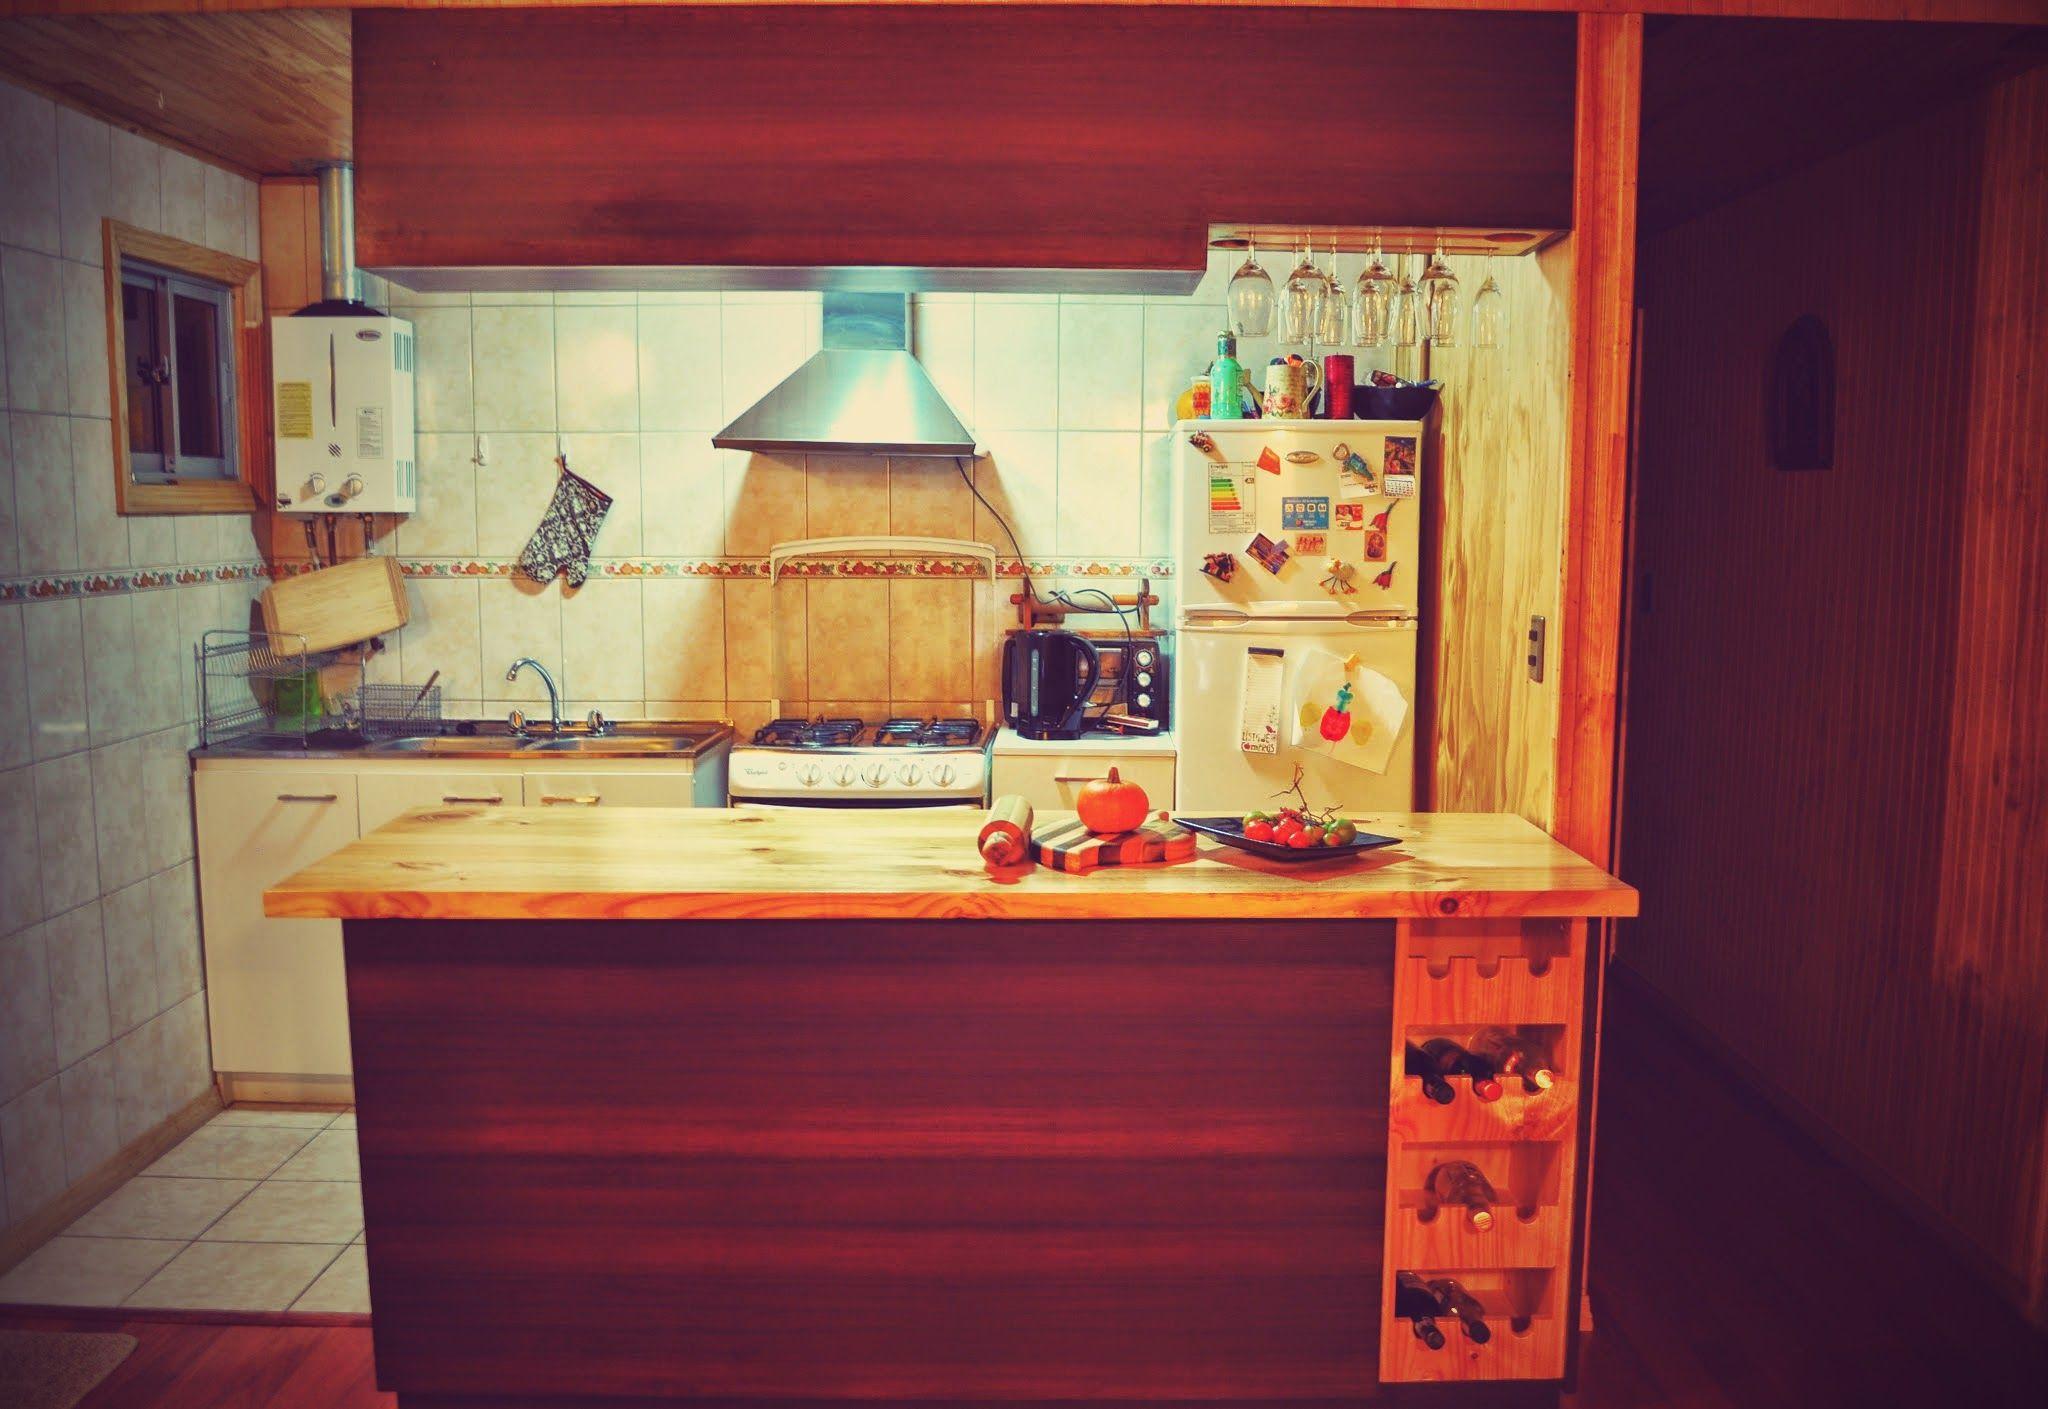 Mueble colgante y mesón estante   Muebles cocina americana ...